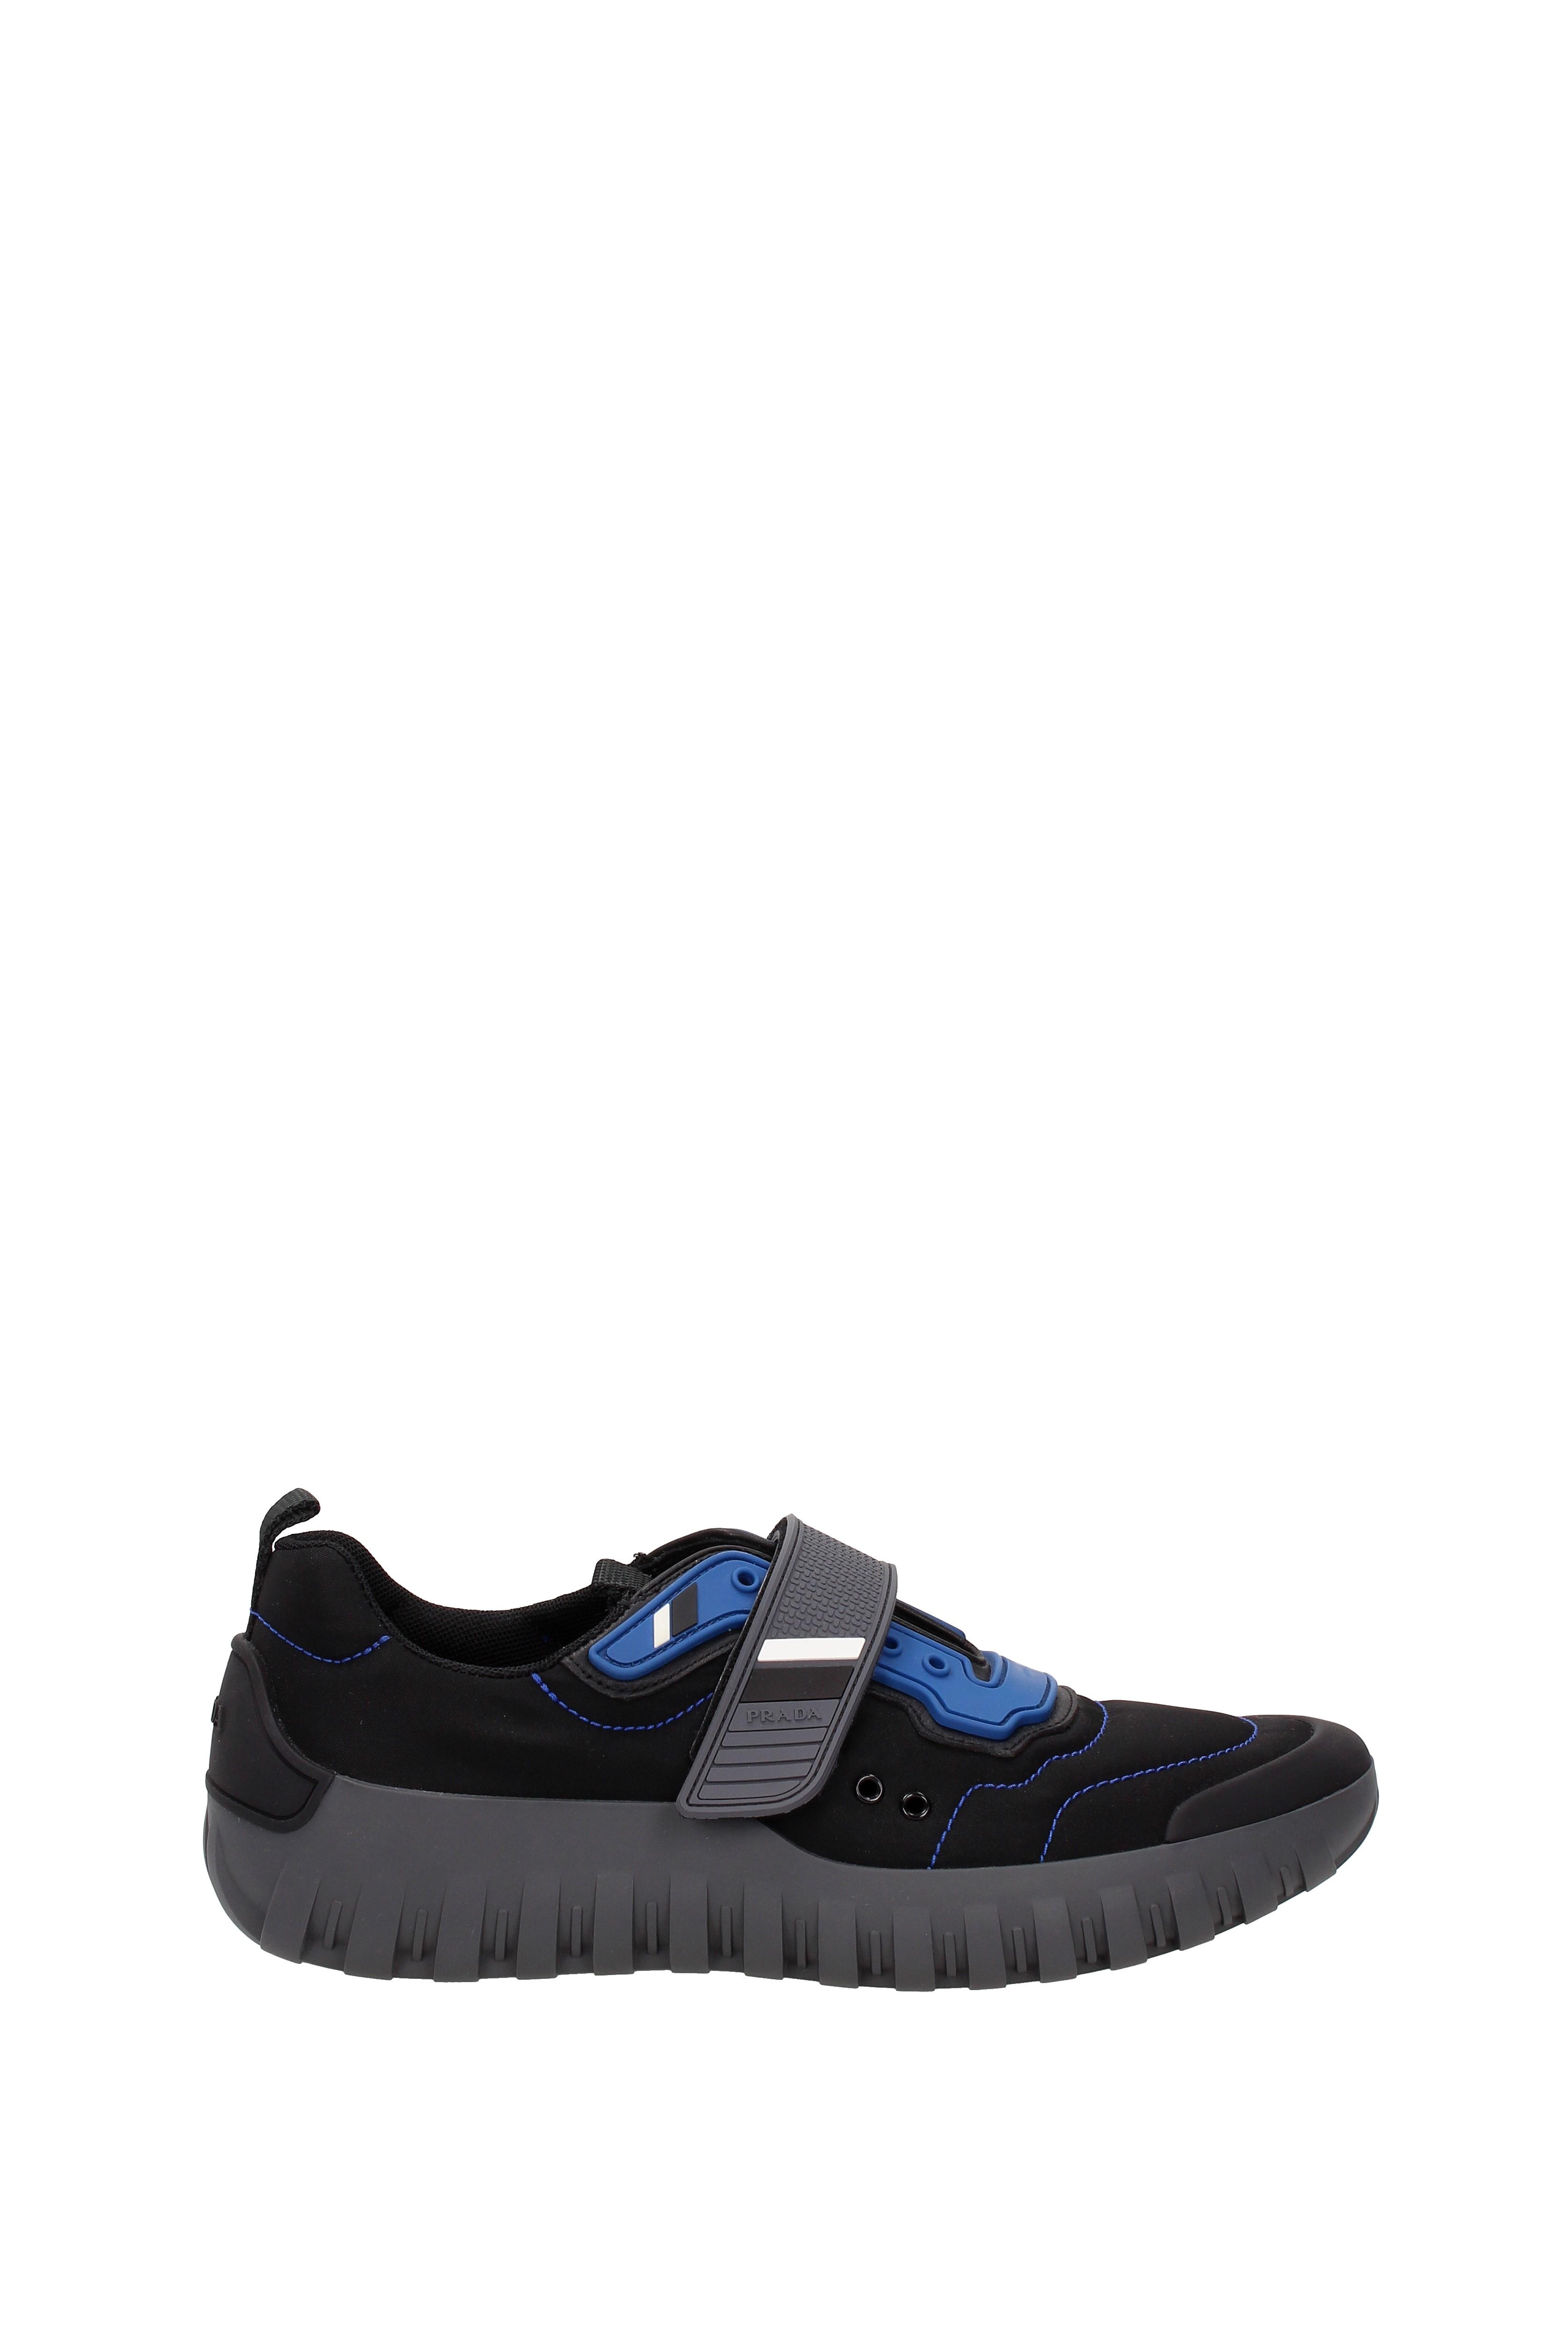 Sneakers Prada Herren - Stoff (4E3101)